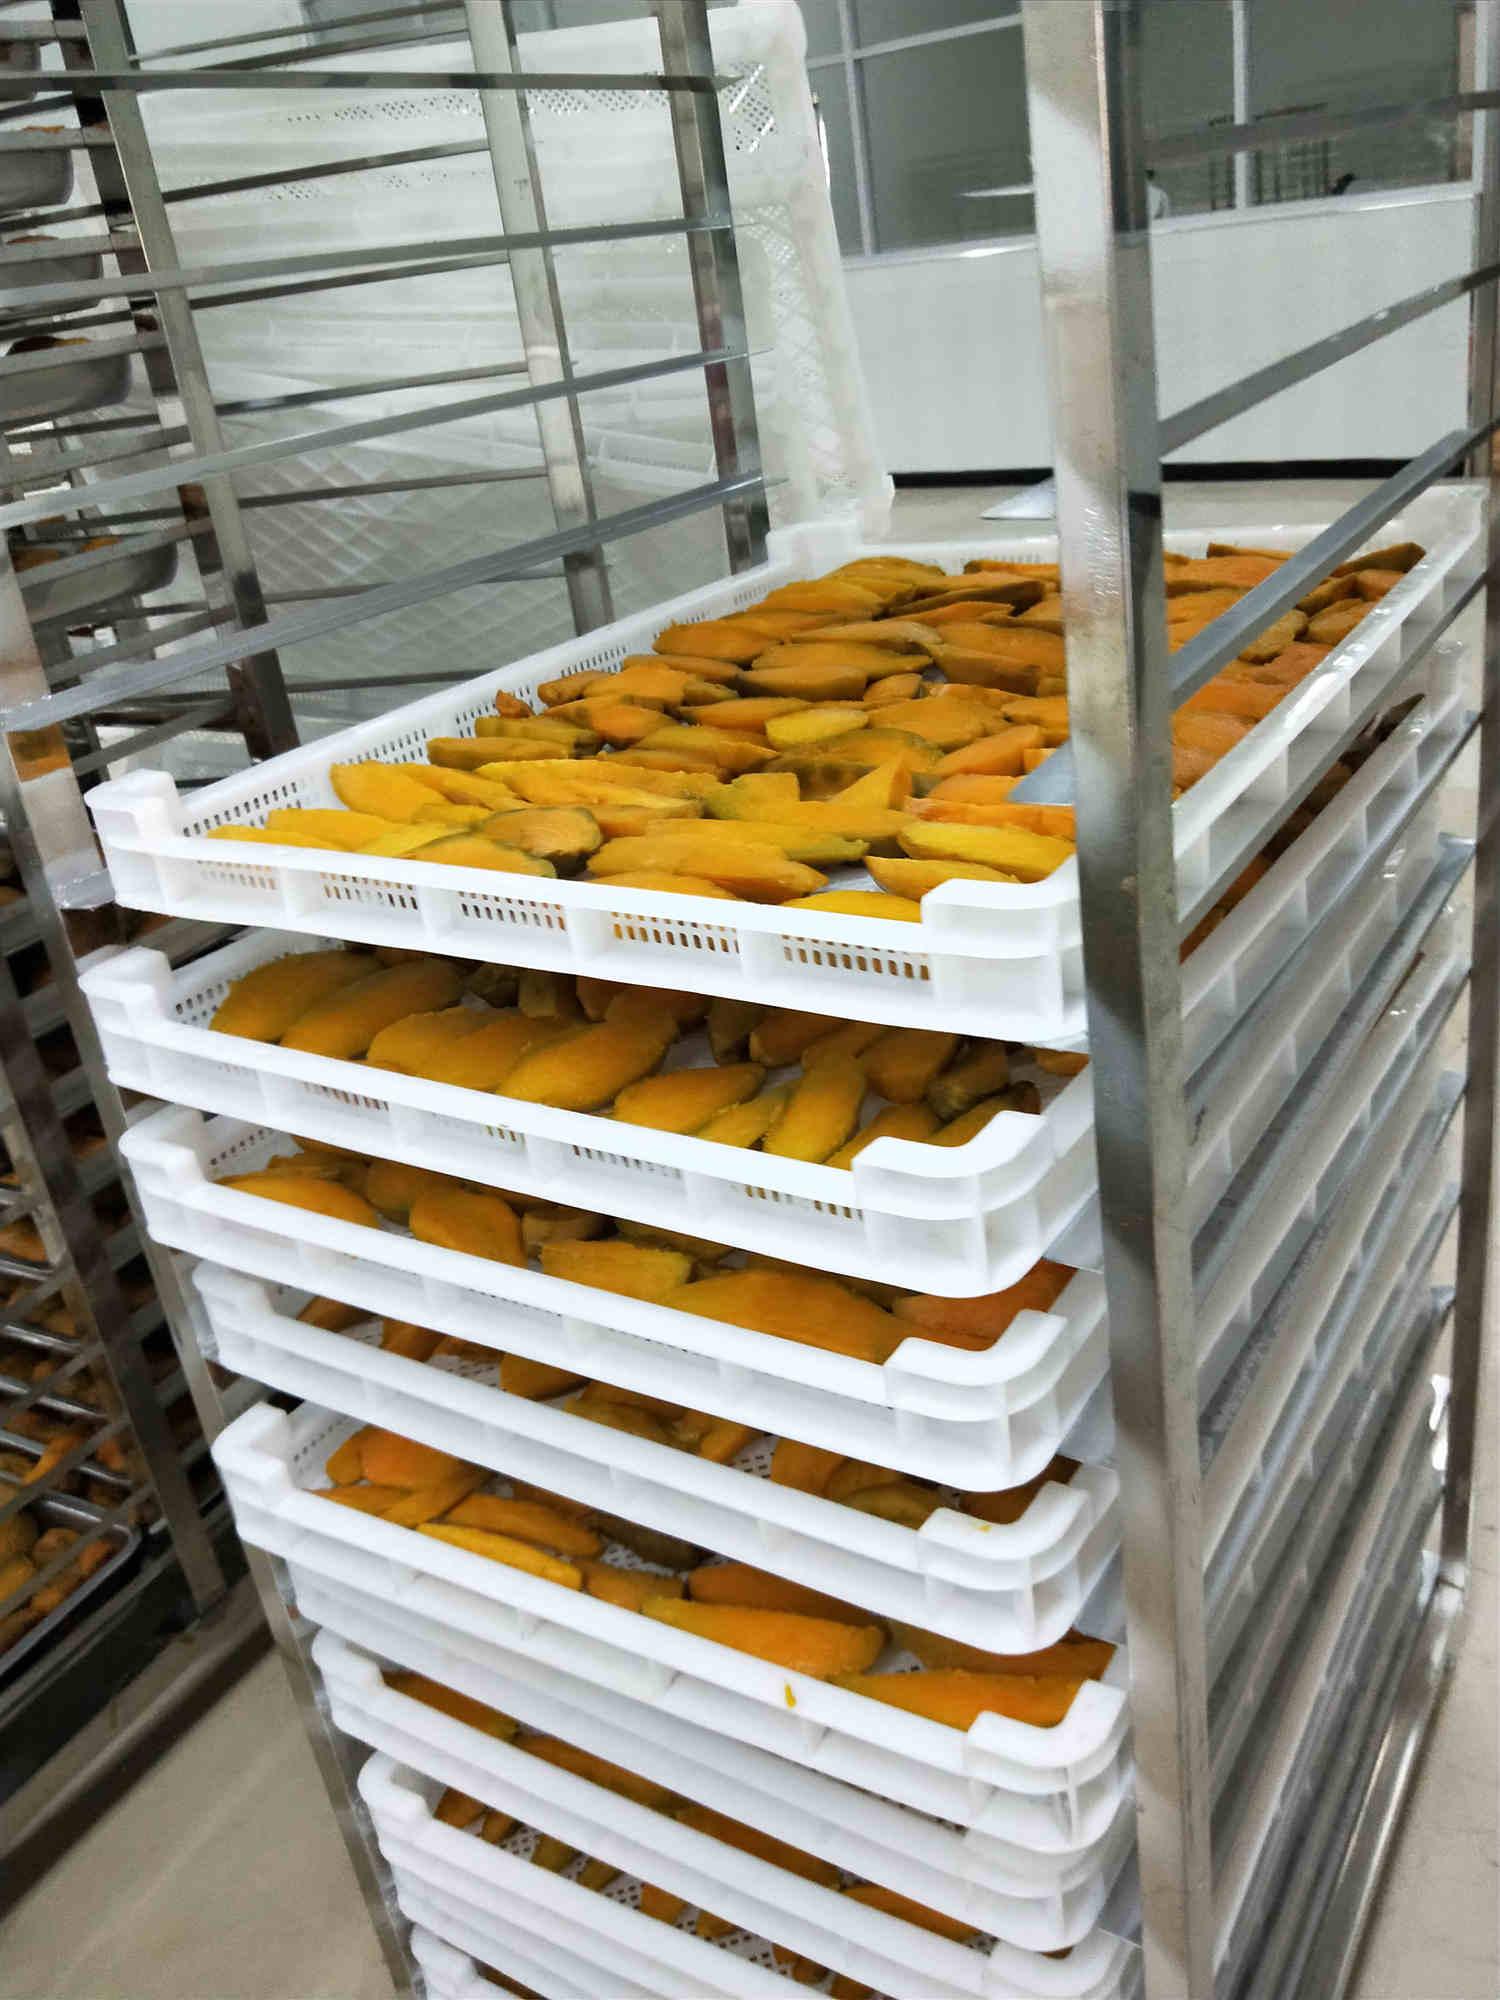 食品♂烘干设备厂家-姜∮片烘干机哪里有-姜片烘干机多少钱